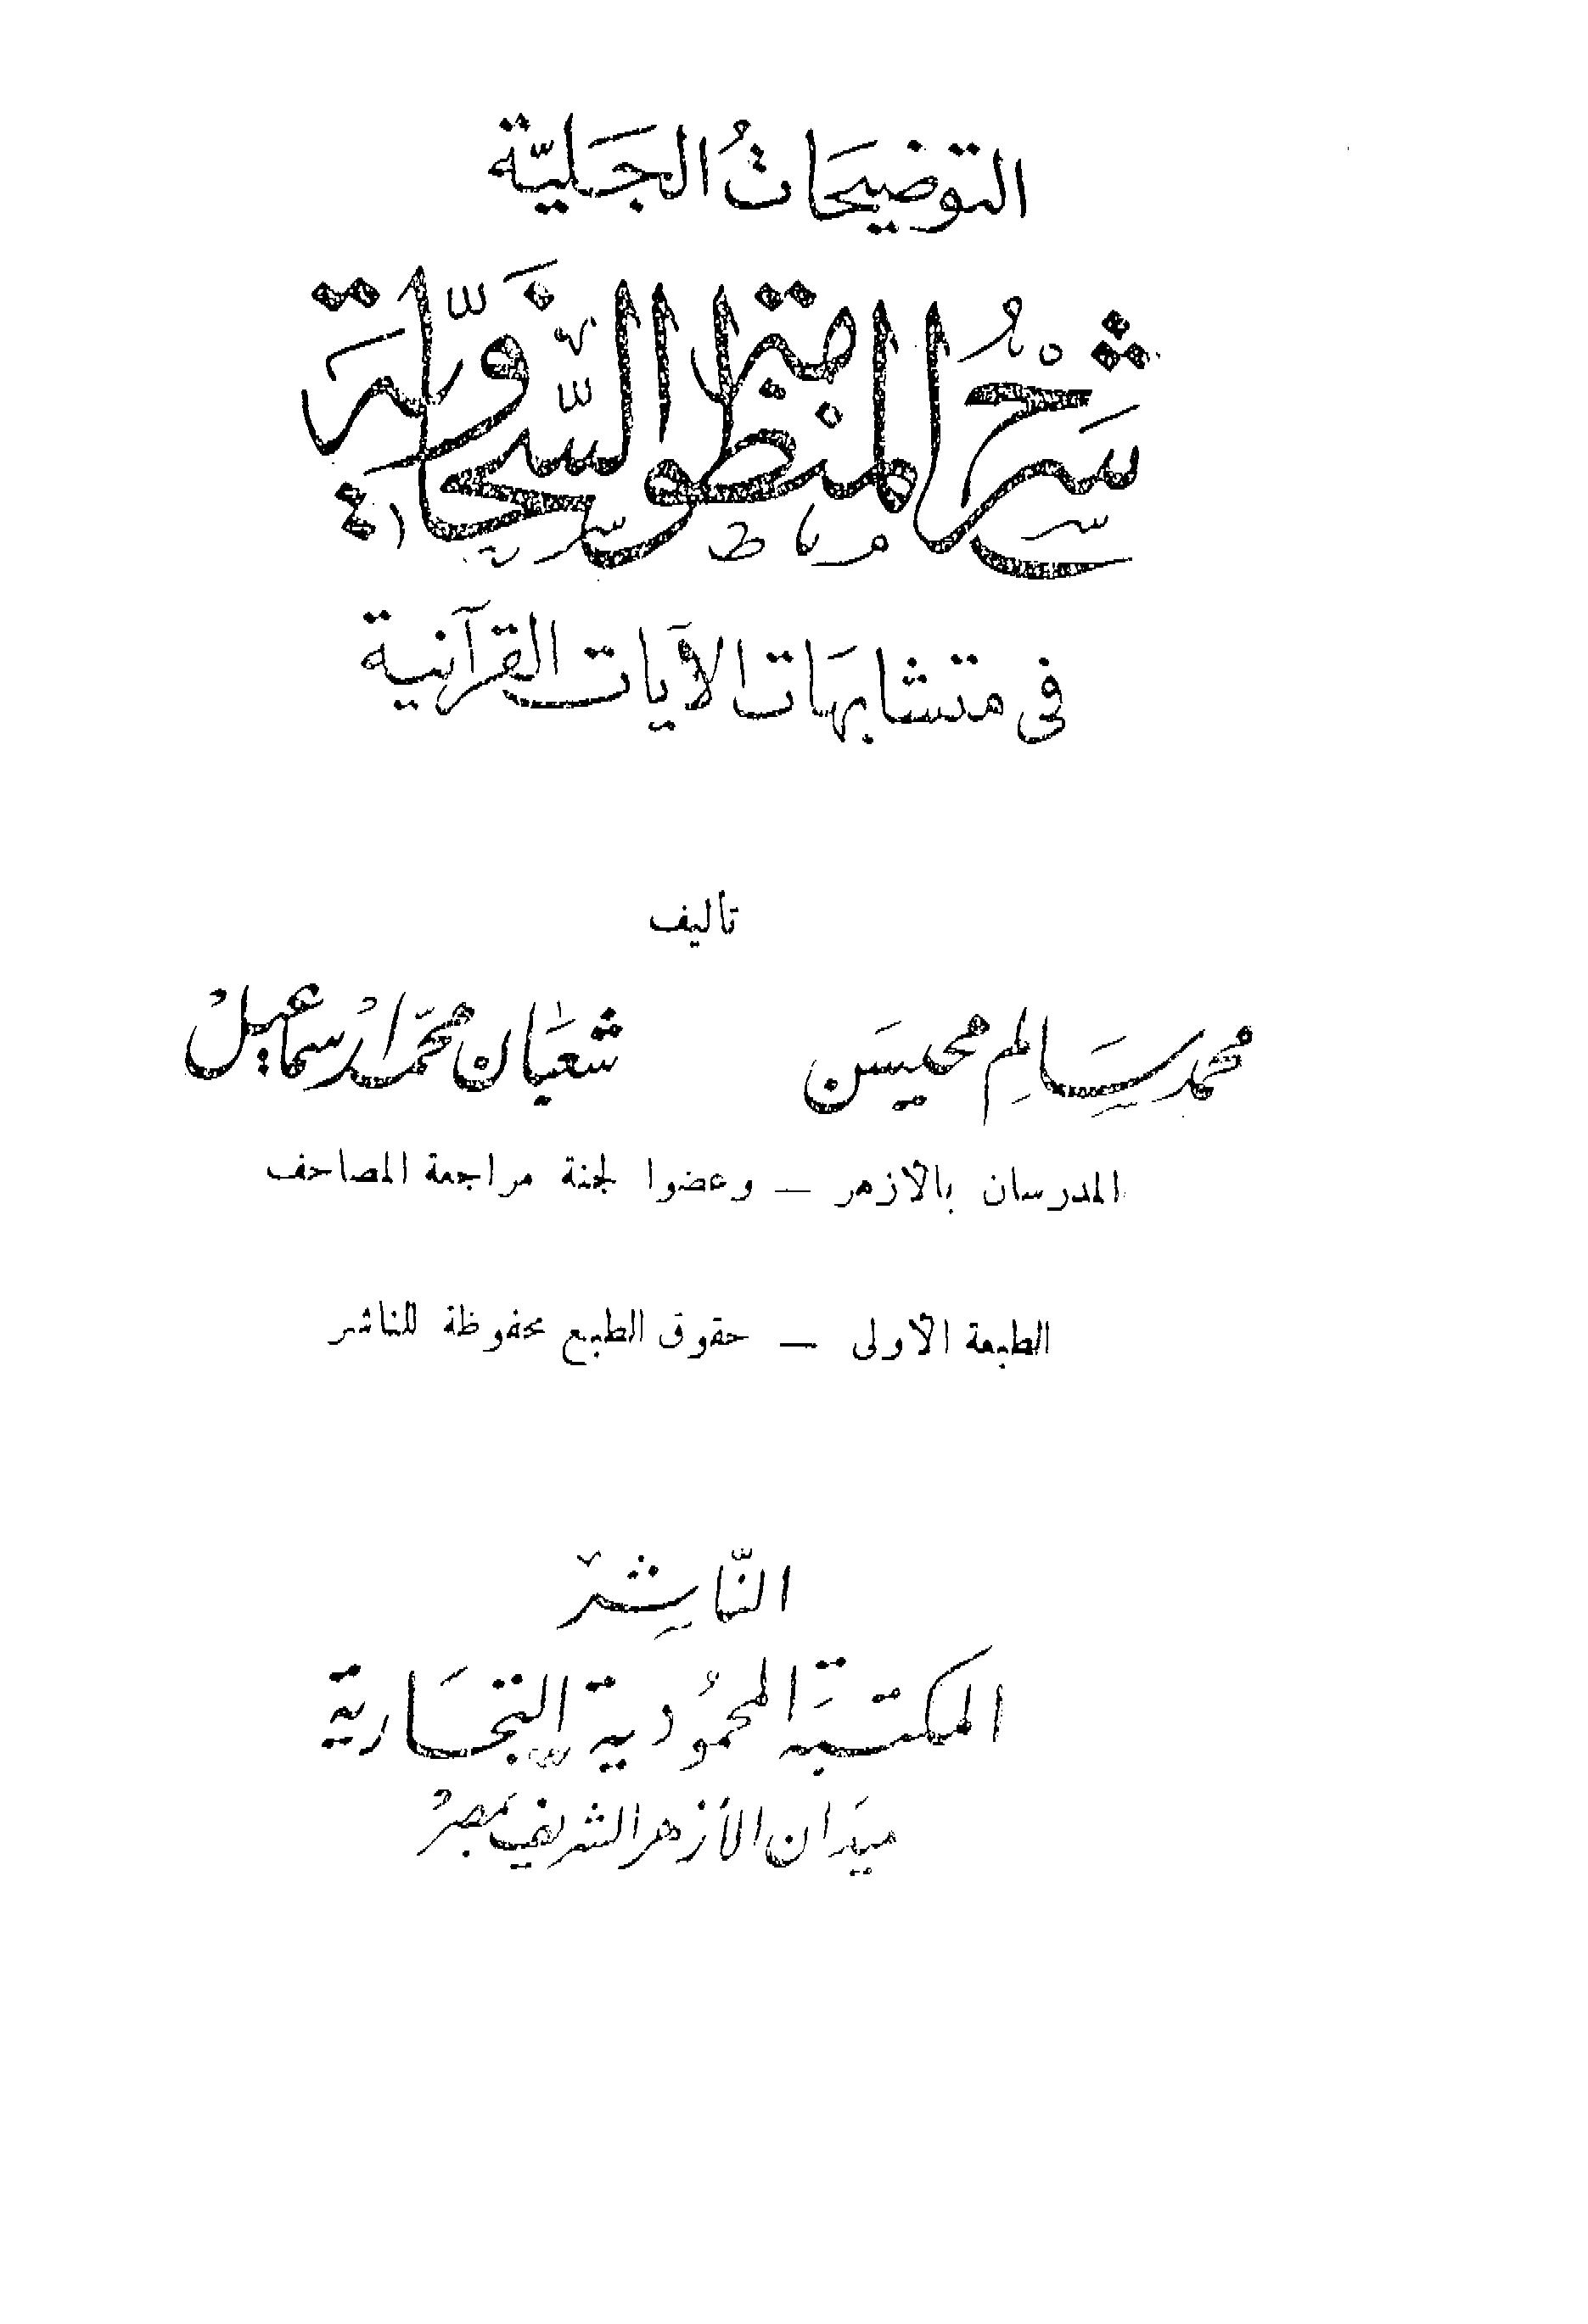 تحميل كتاب التوضيحات الجلية شرح المنظومة السخاوية في متشابهات الآيات القرآنية لـِ: الدكتور محمد محمد محمد سالم محيسن (ت 1422)